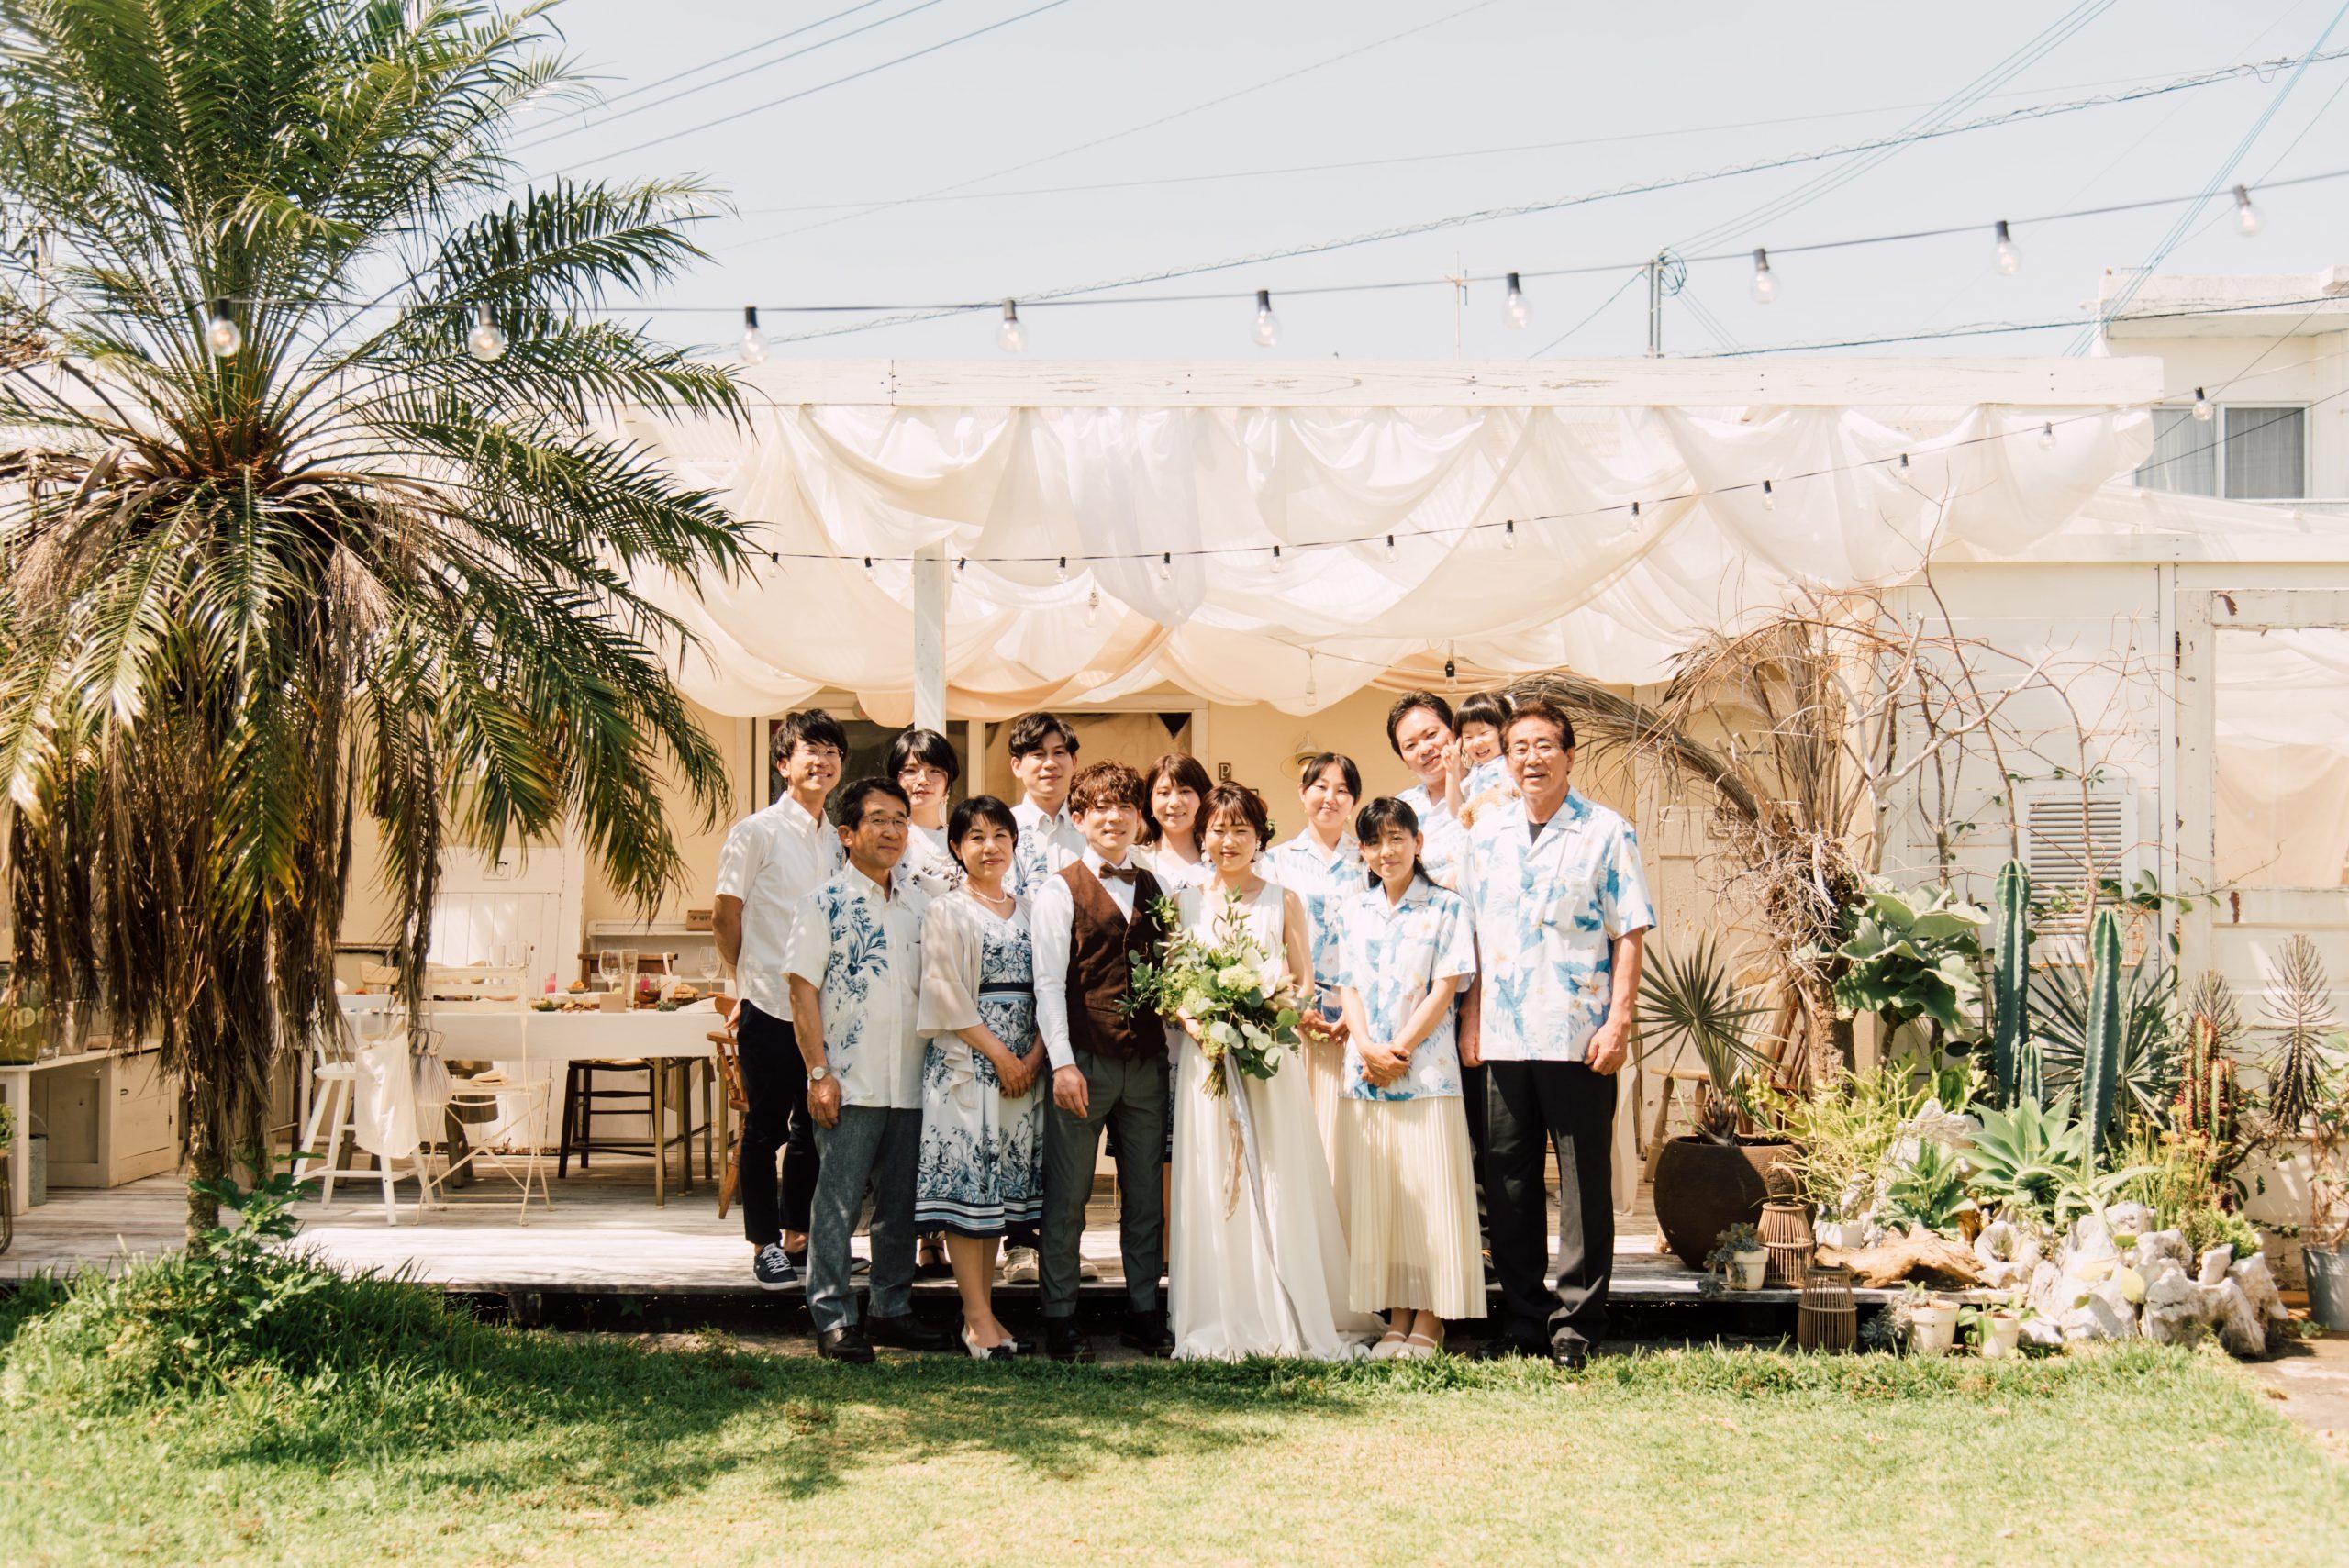 読谷村にあるルパサージュエメ沖縄でのアットホームなウェディングパーティー